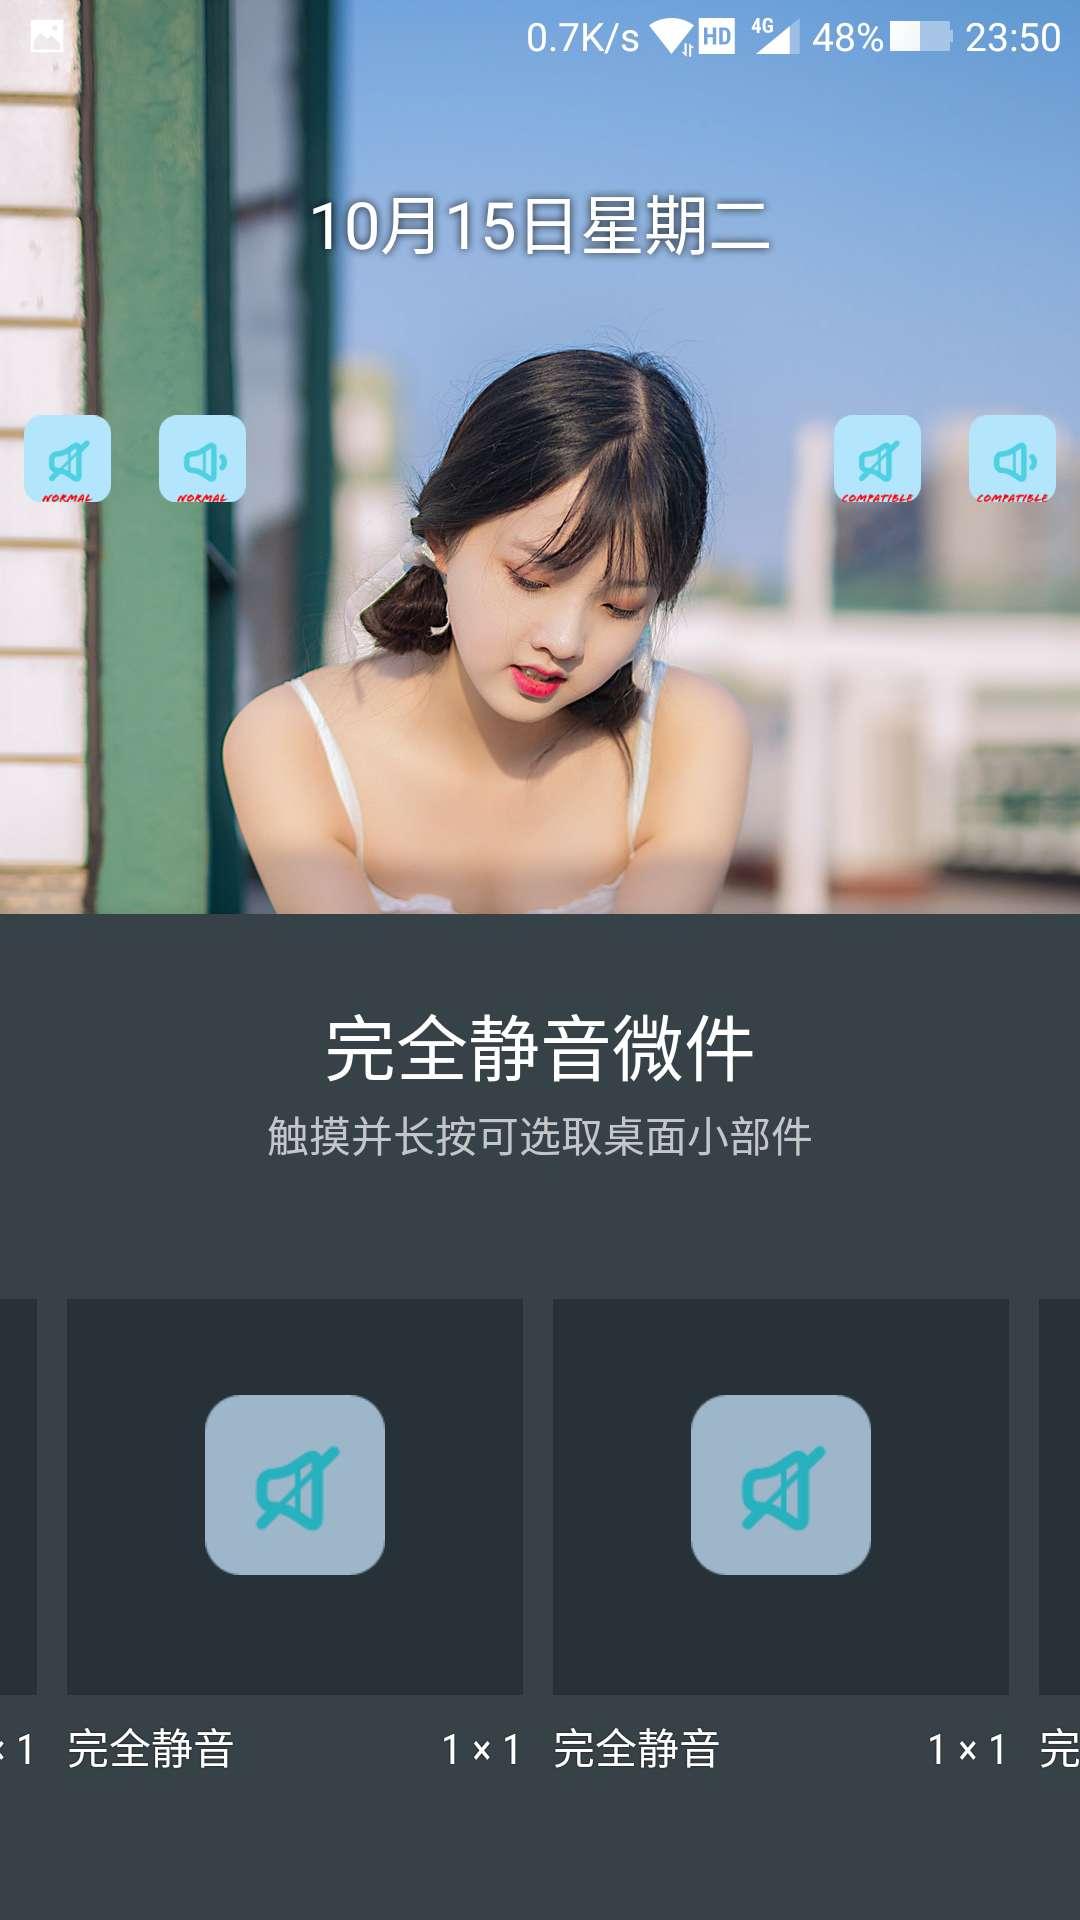 【分享】完全静音 V1.8 Android-爱小助